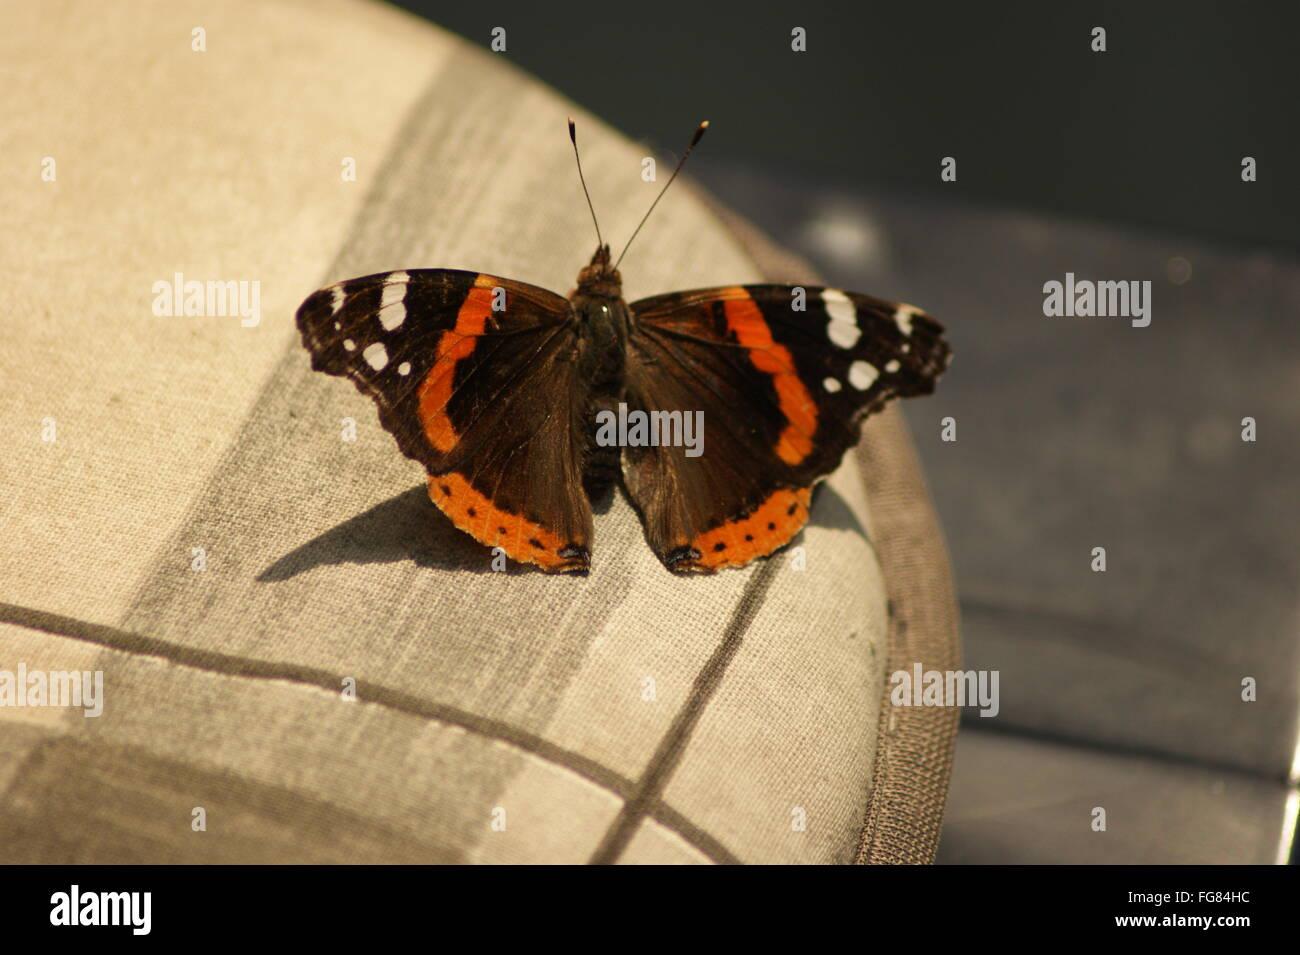 Butterfly Chair Stockfotos & Butterfly Chair Bilder - Alamy